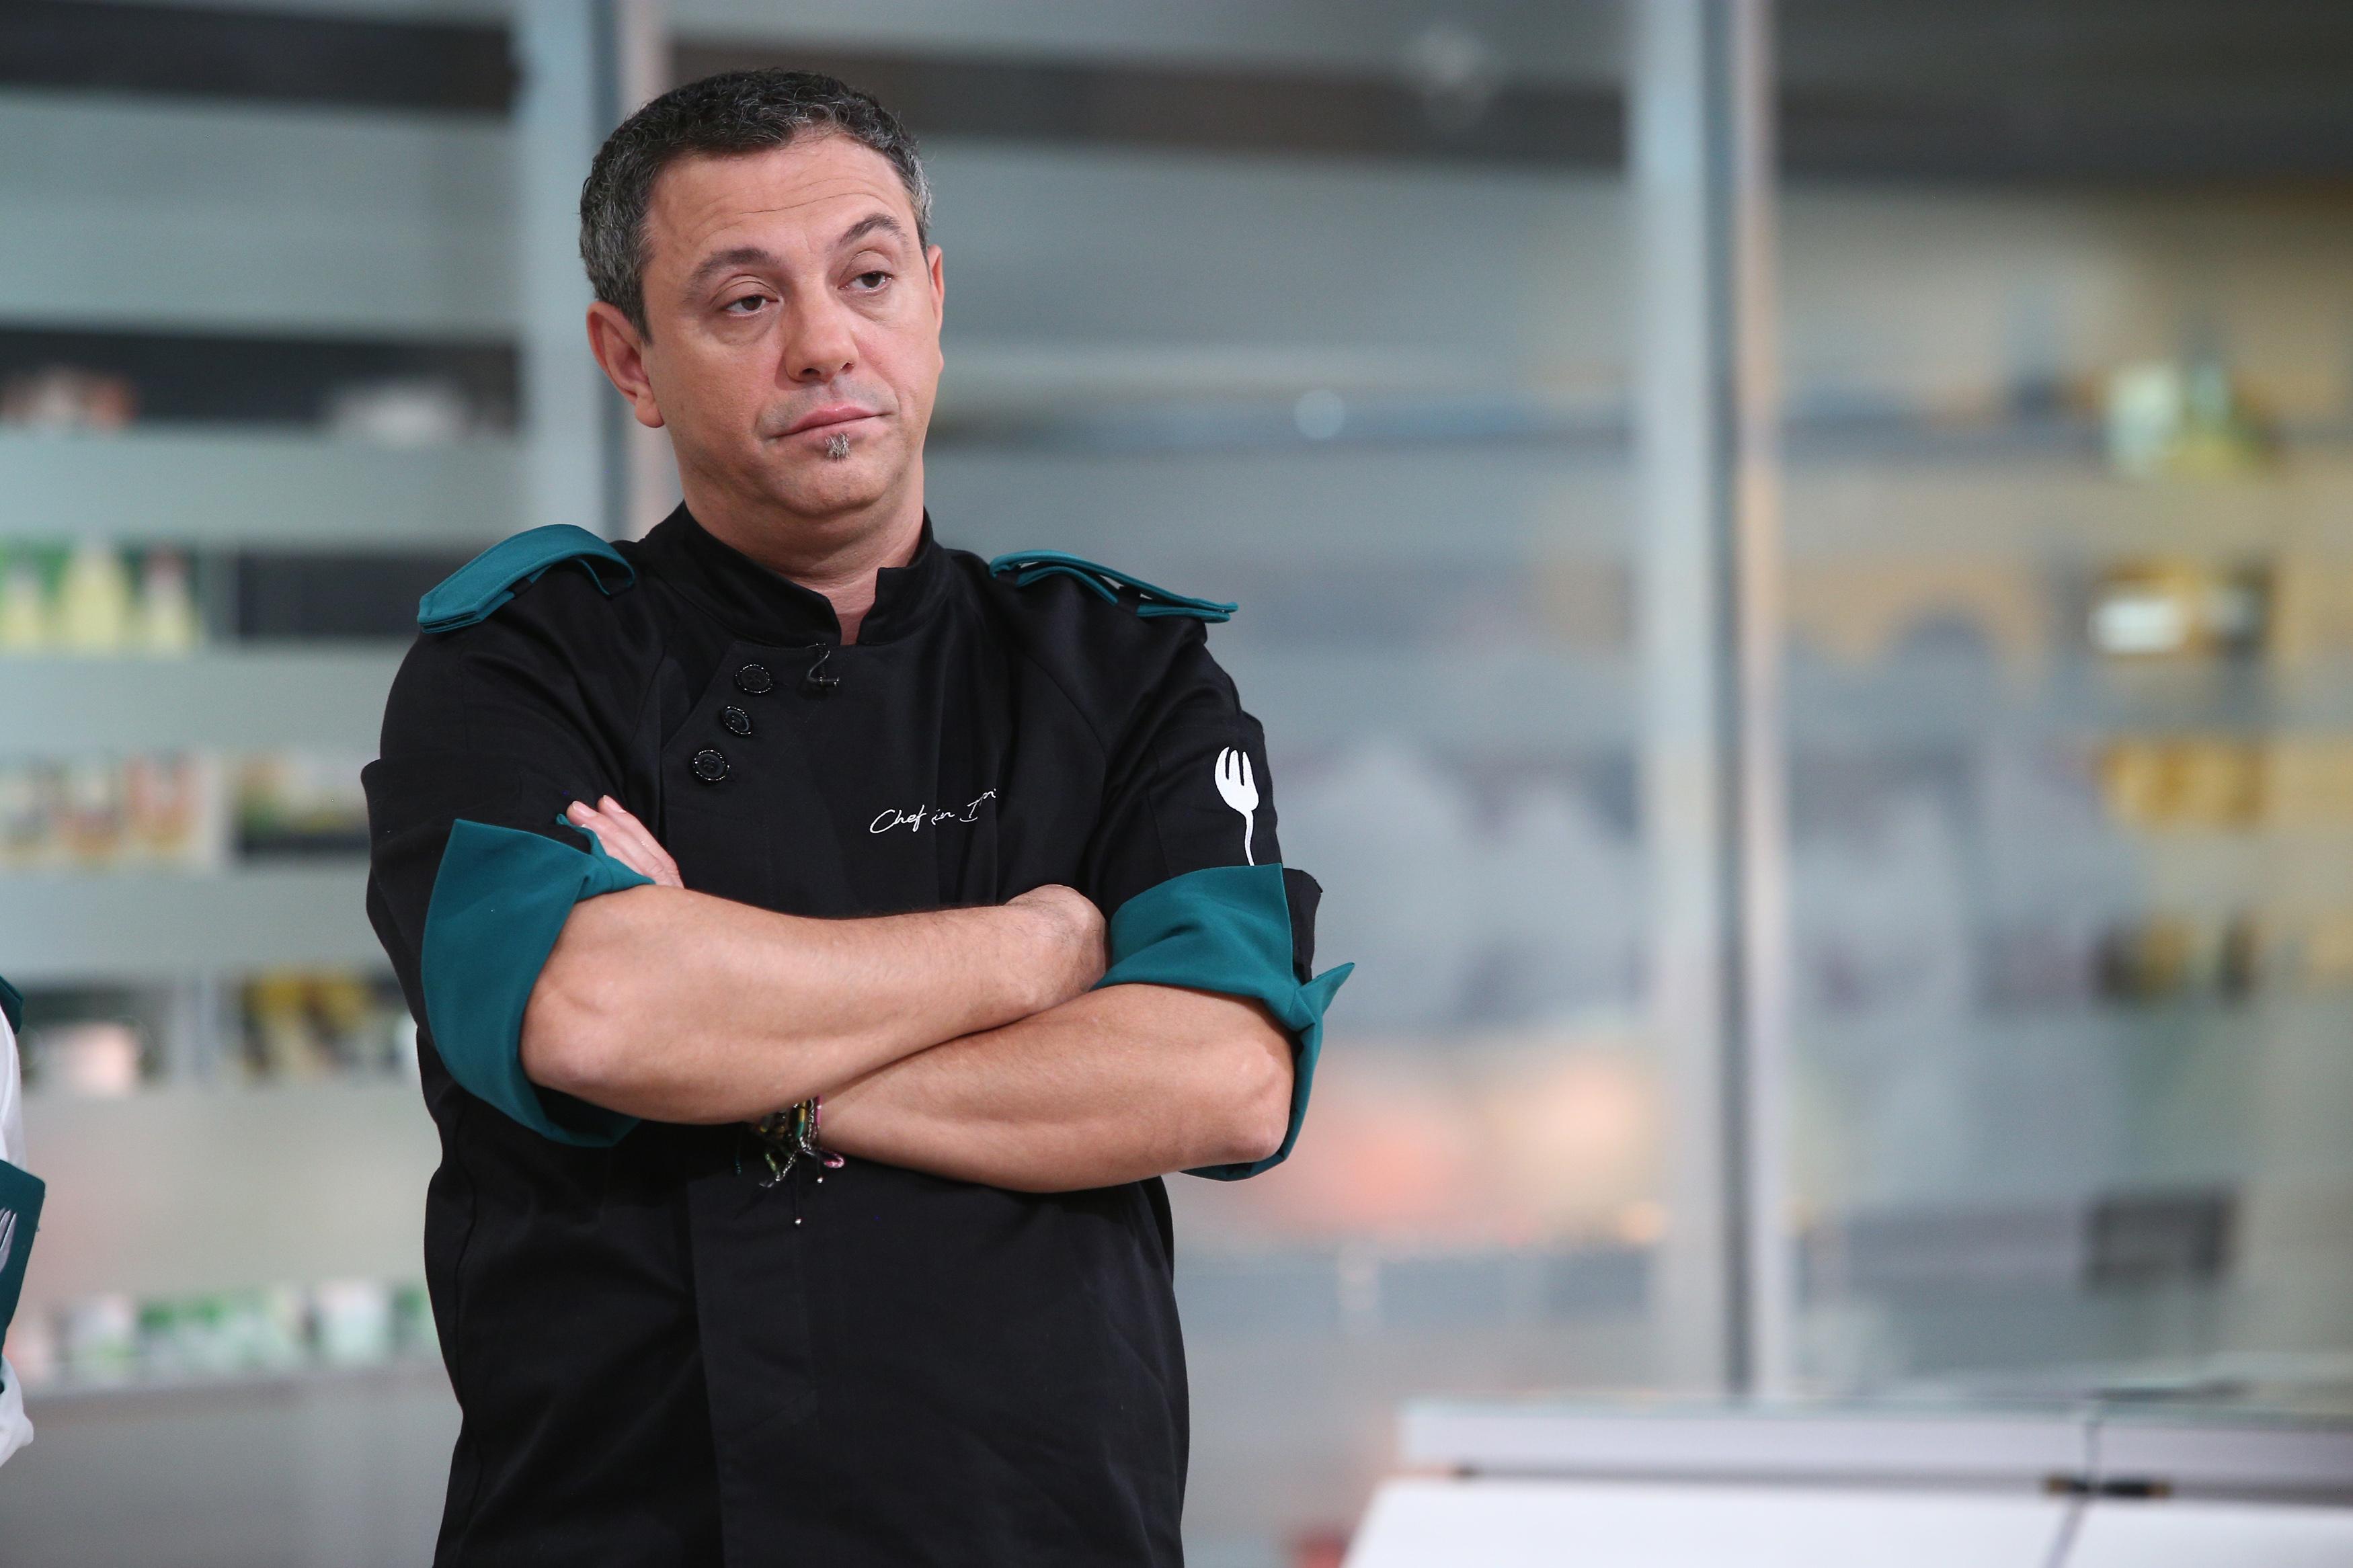 Chefi la cuțite, 16 mai 2021. Verdictul surpriză dat de gimnaști. Cine a câștigat proba de gătit și cine intră la duel